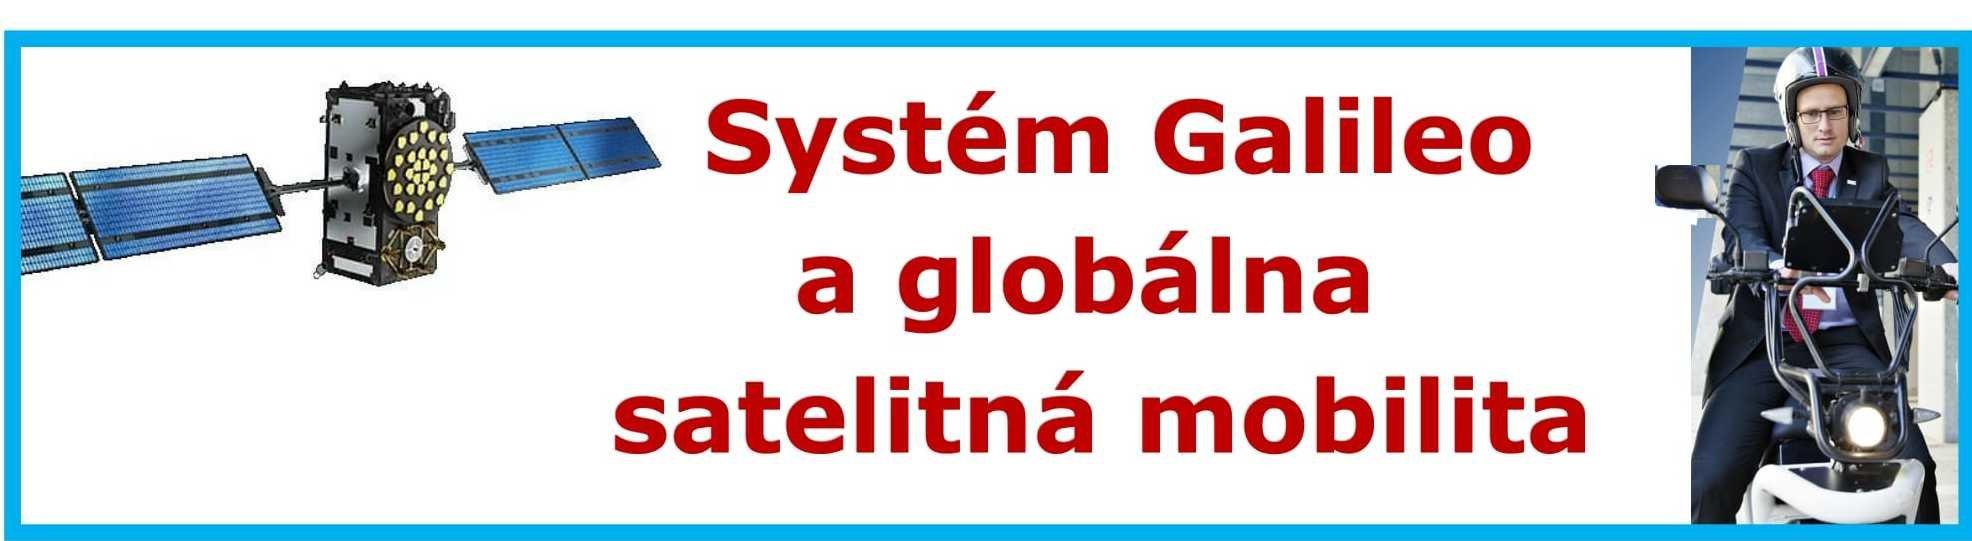 Systém Galileo a globálna satelitná mobilita